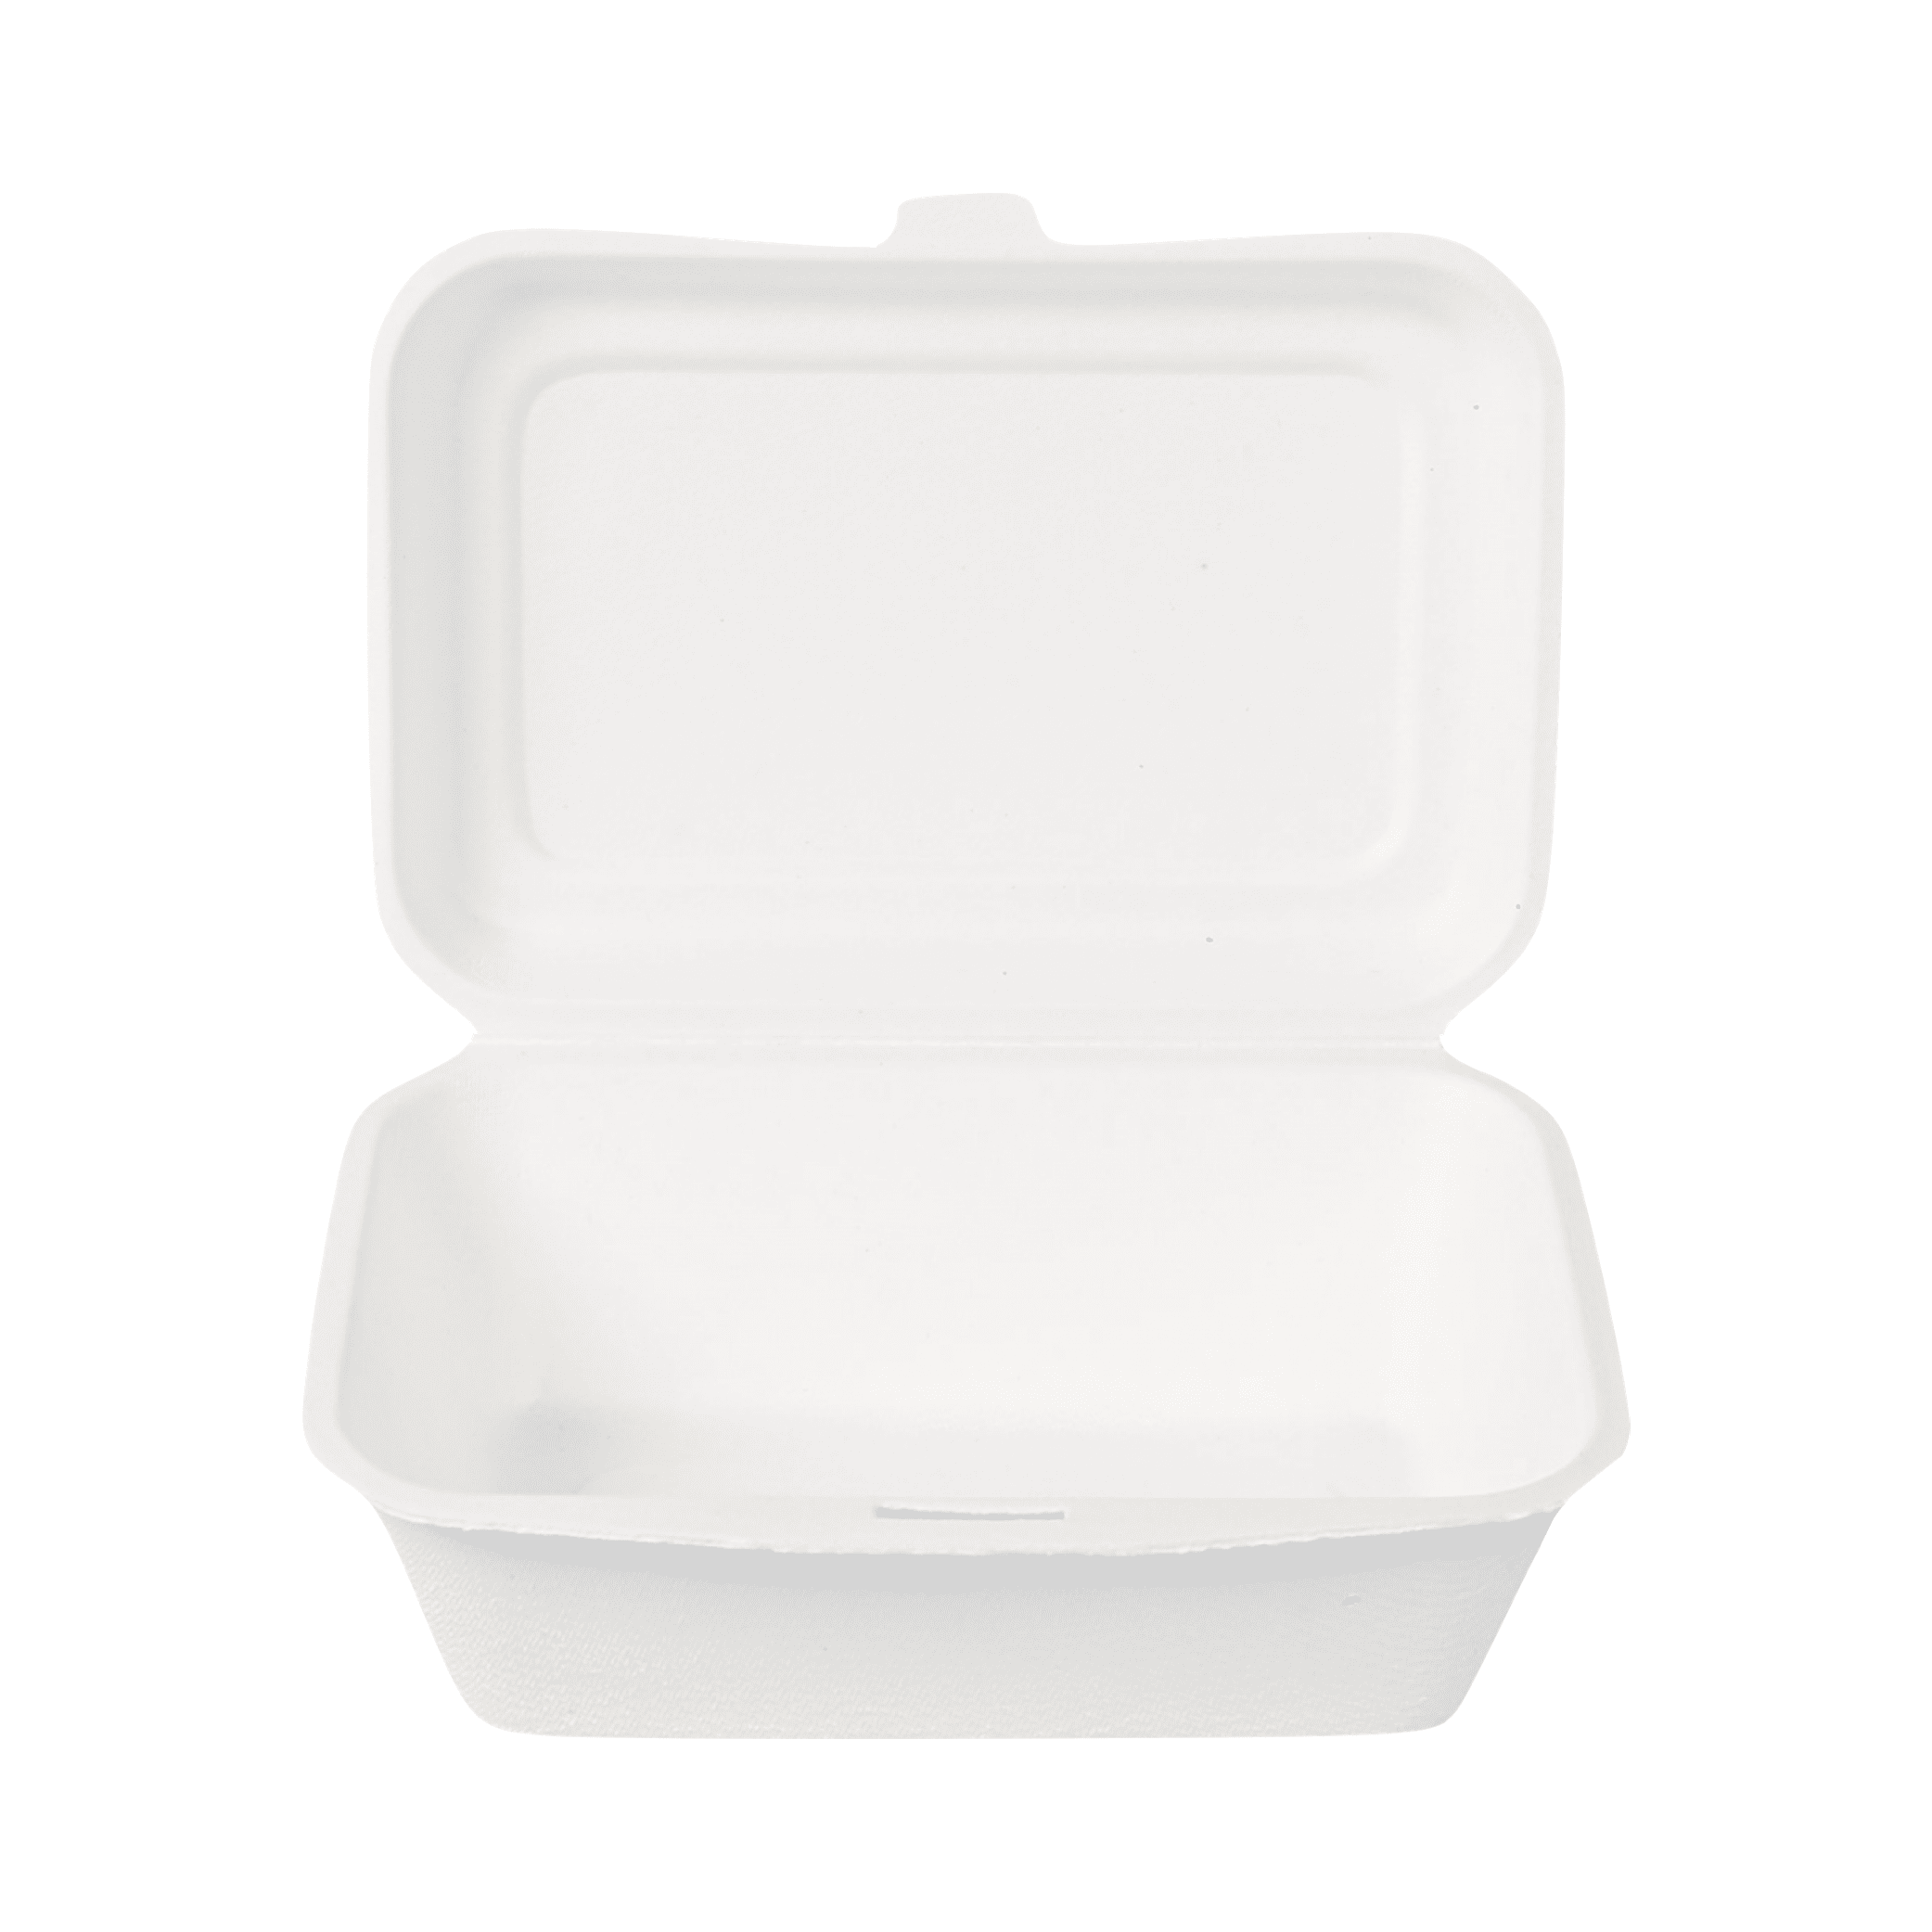 Biorazgradljiva posodica LunchBox | sladkorni trs | 13,5 x 18,5 x 6,5 | 50/1